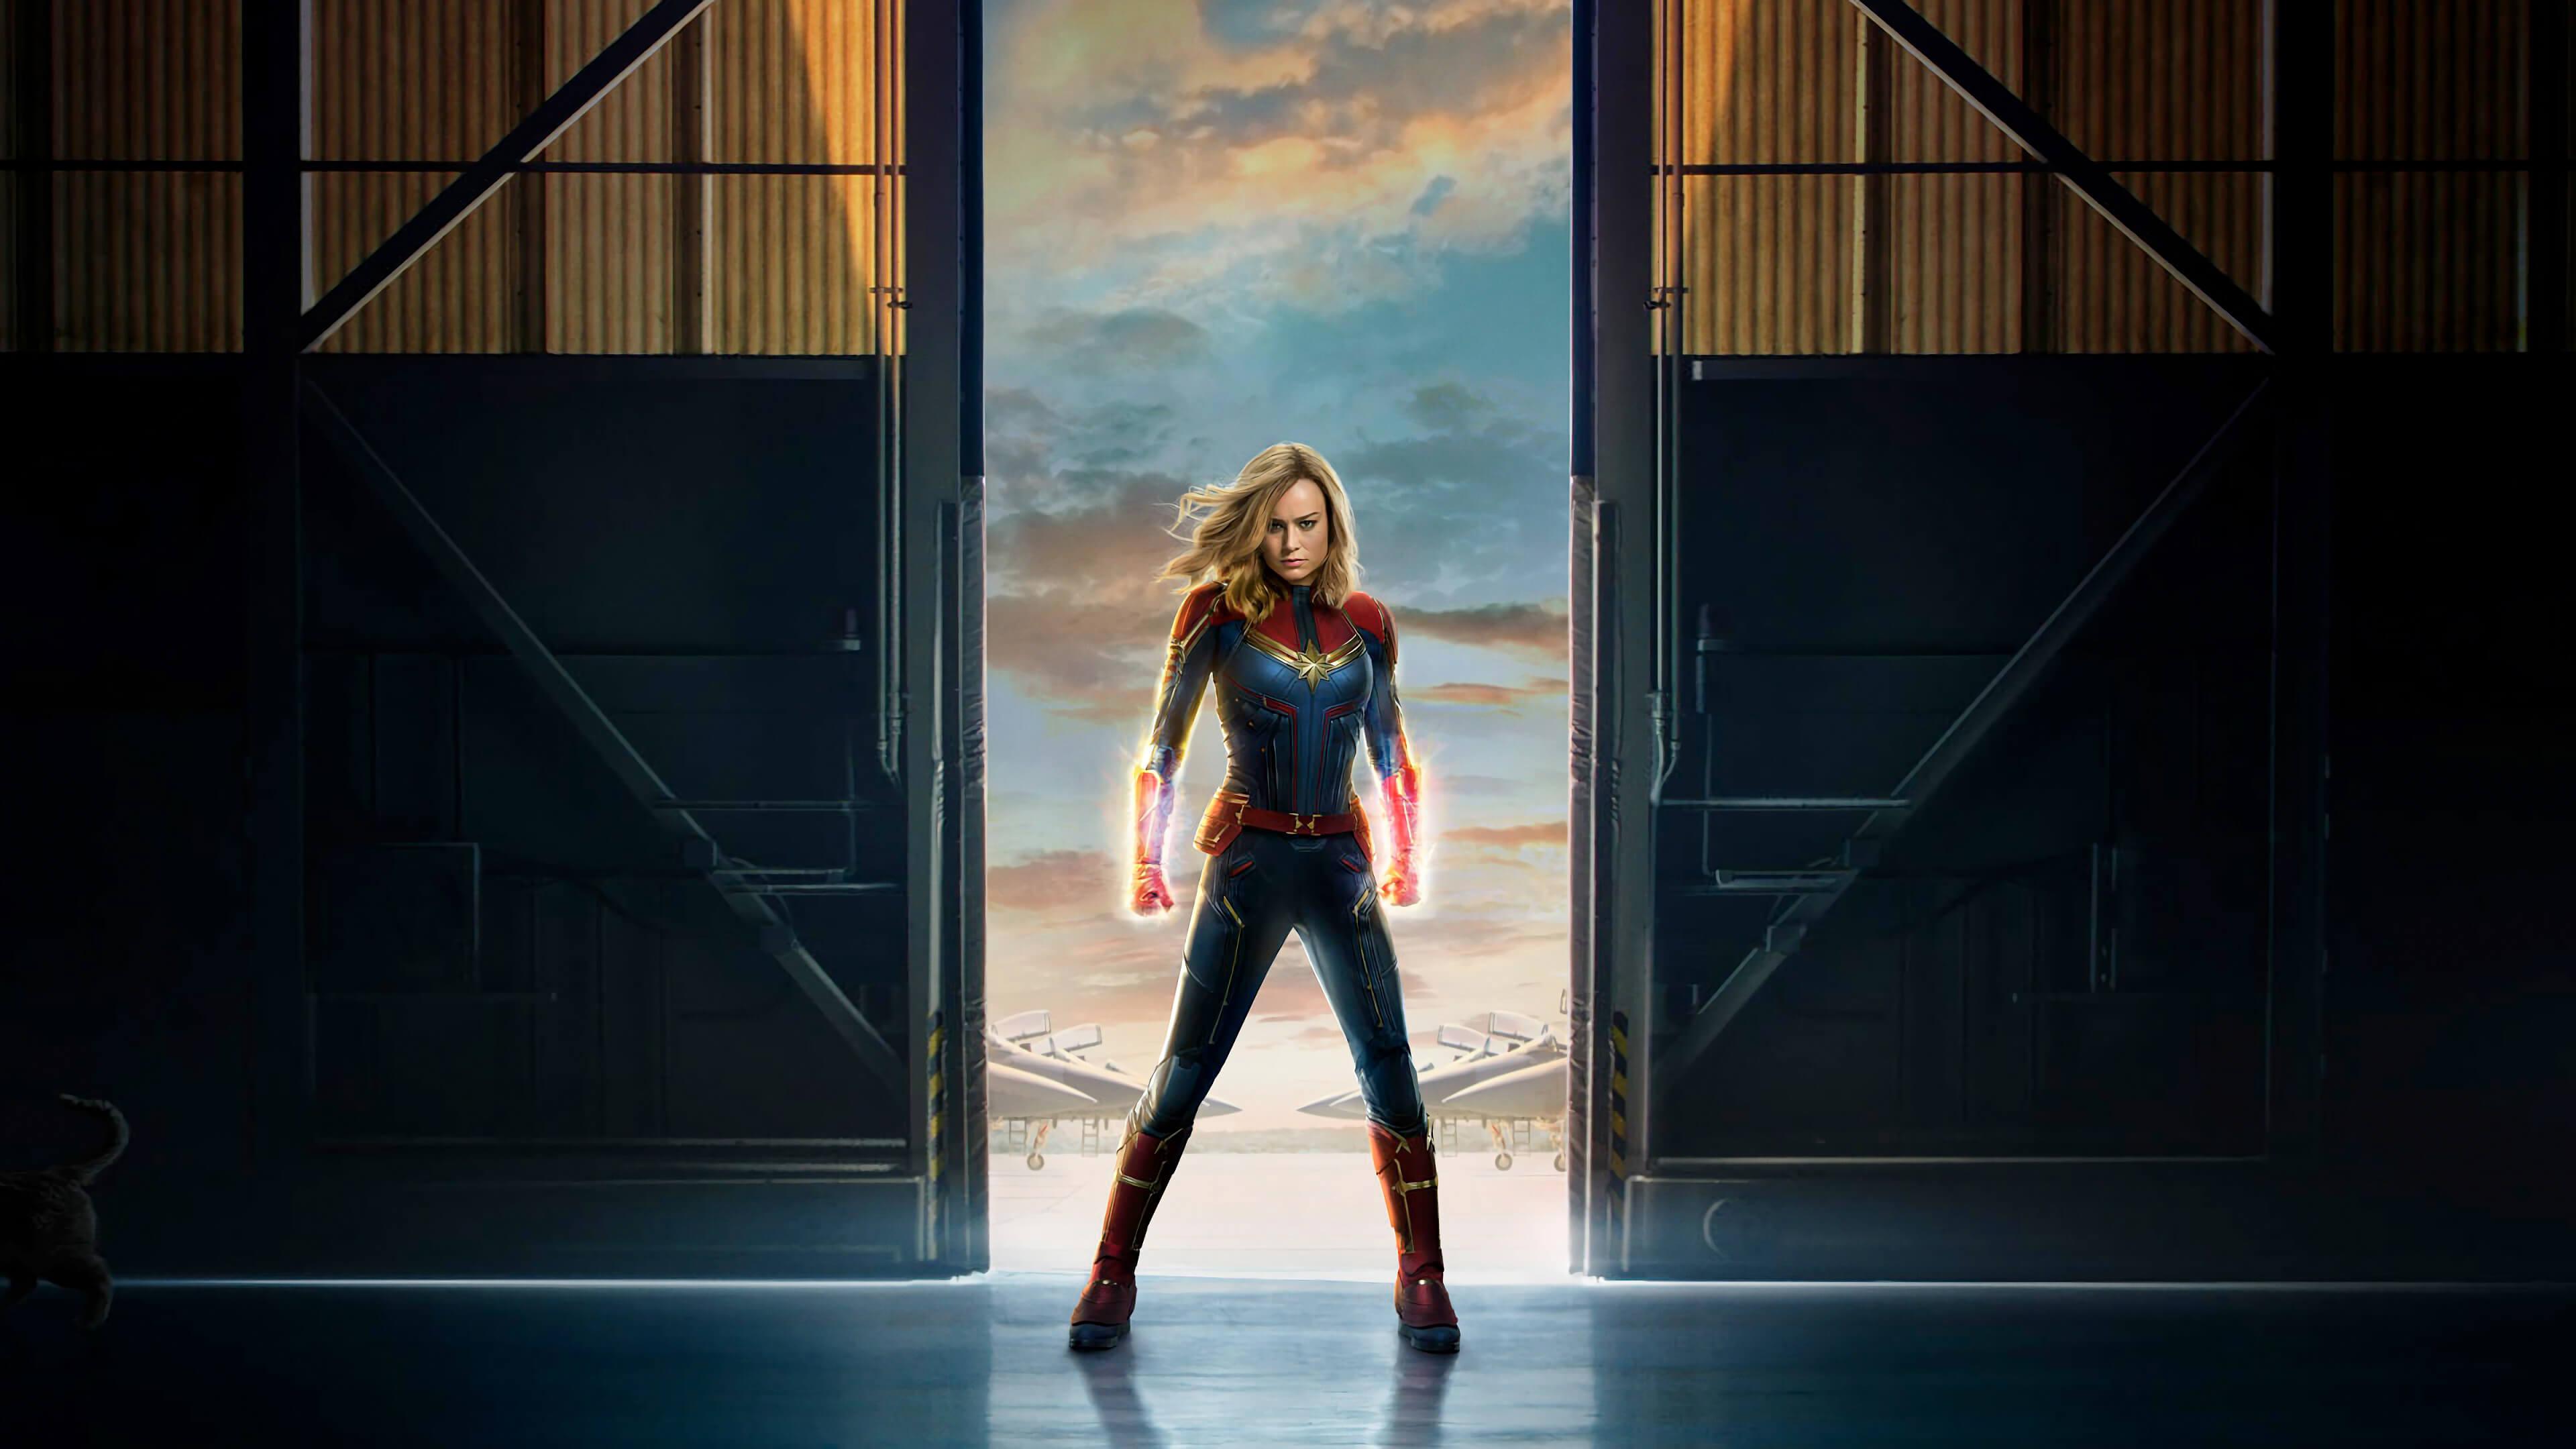 MCU 首部以女性為主角的超級英雄電影《驚奇隊長》北美預售成績超驚人!